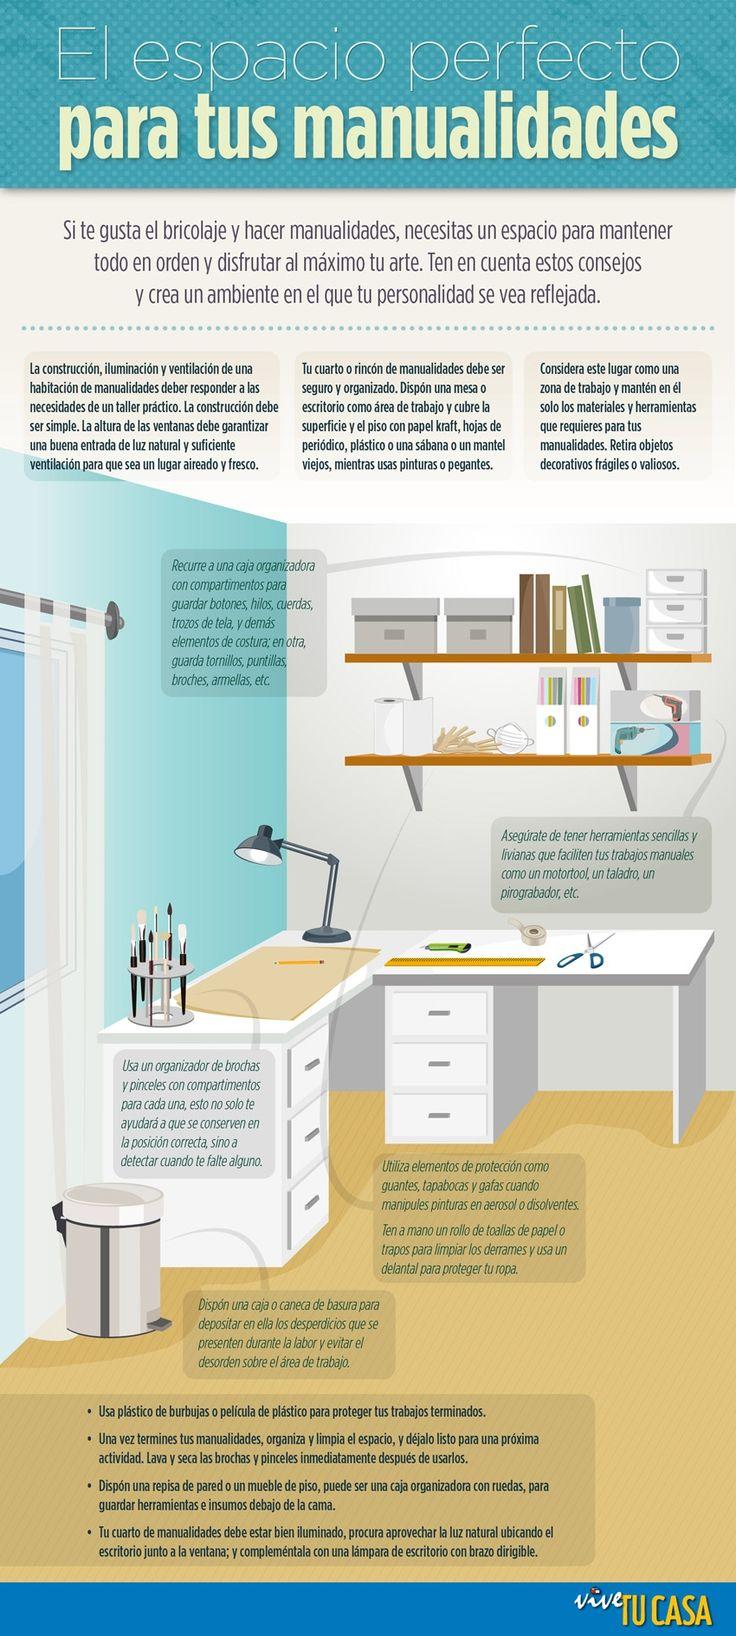 Guia Homecenter - El espacio perfecto para tus manualidades